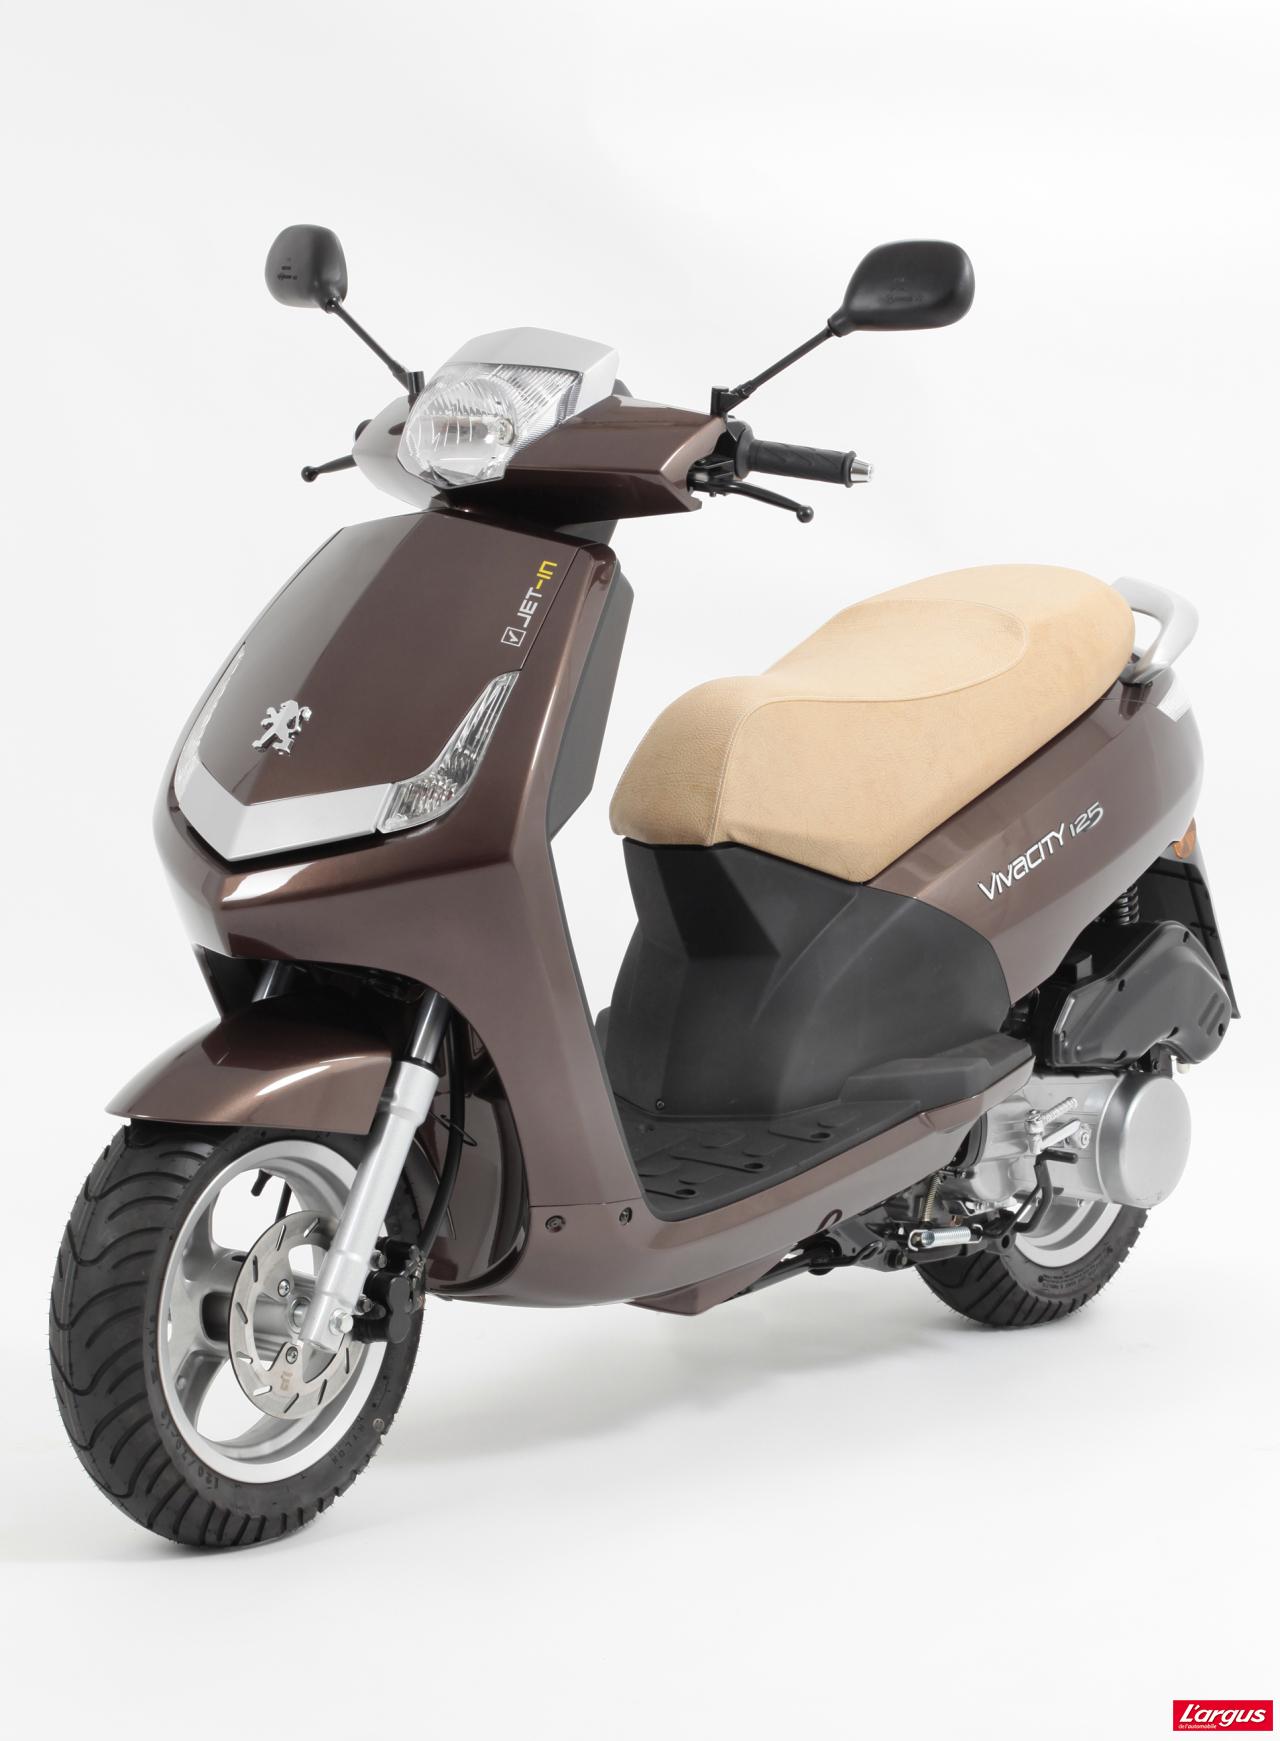 honda pcx 125 un scooter urbain encore plus conomique photo 20 l 39 argus. Black Bedroom Furniture Sets. Home Design Ideas